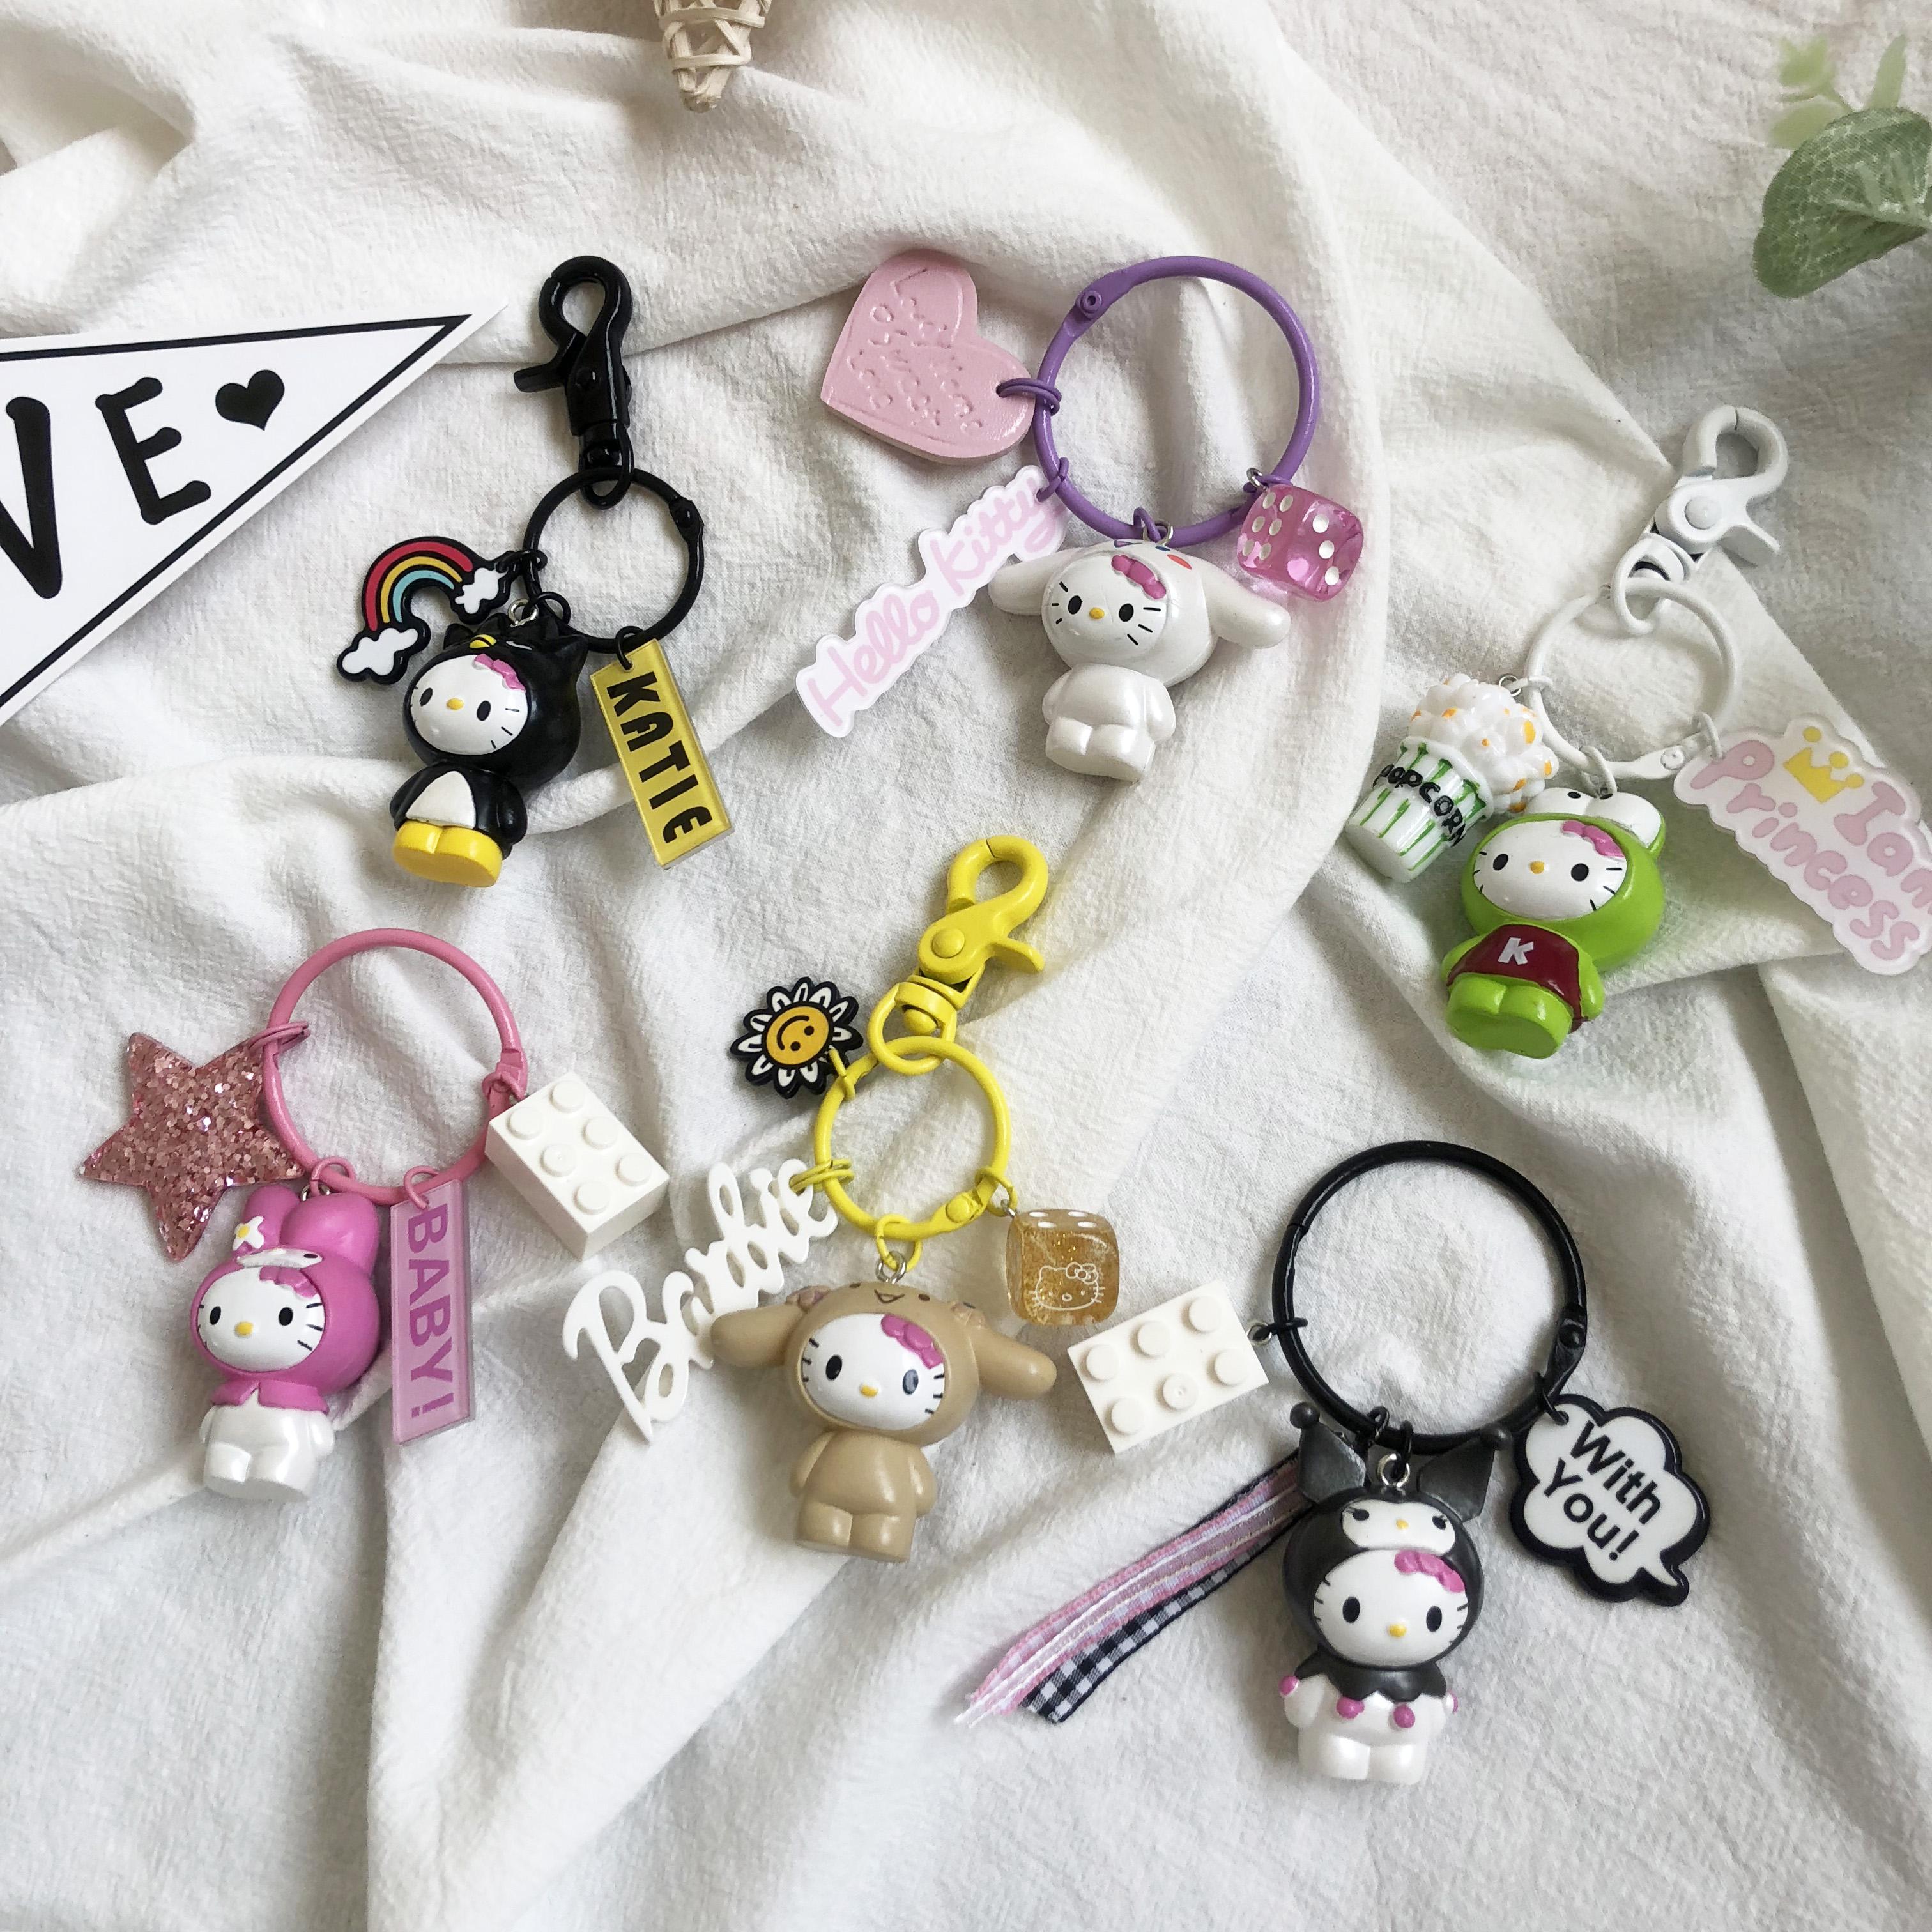 创意钥匙扣ins网红hello kitty猫钥匙链女汽车挂少女件饰可爱公仔